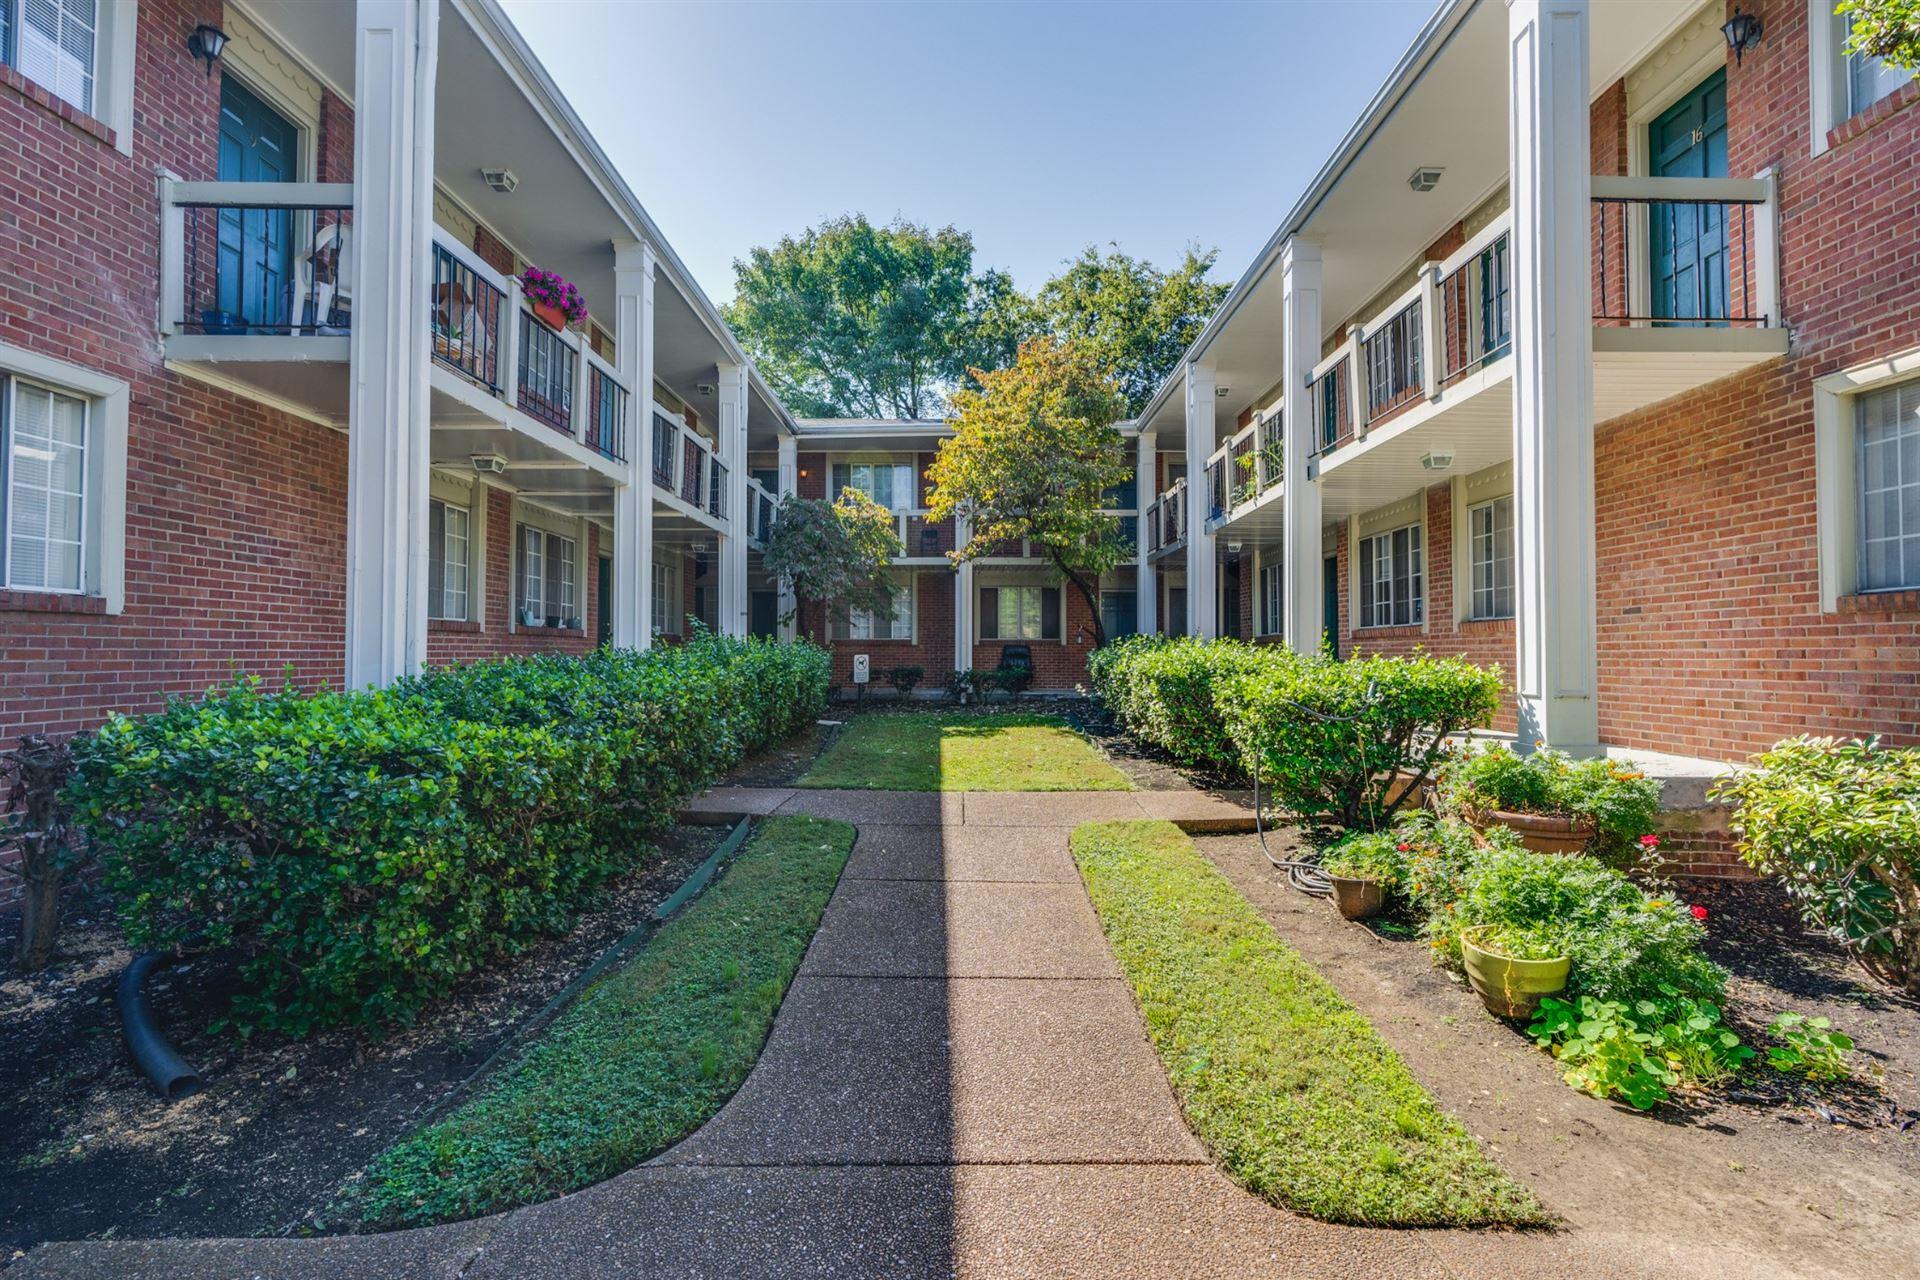 Photo of 2121 Fairfax Ave #6, Nashville, TN 37212 (MLS # 2299941)